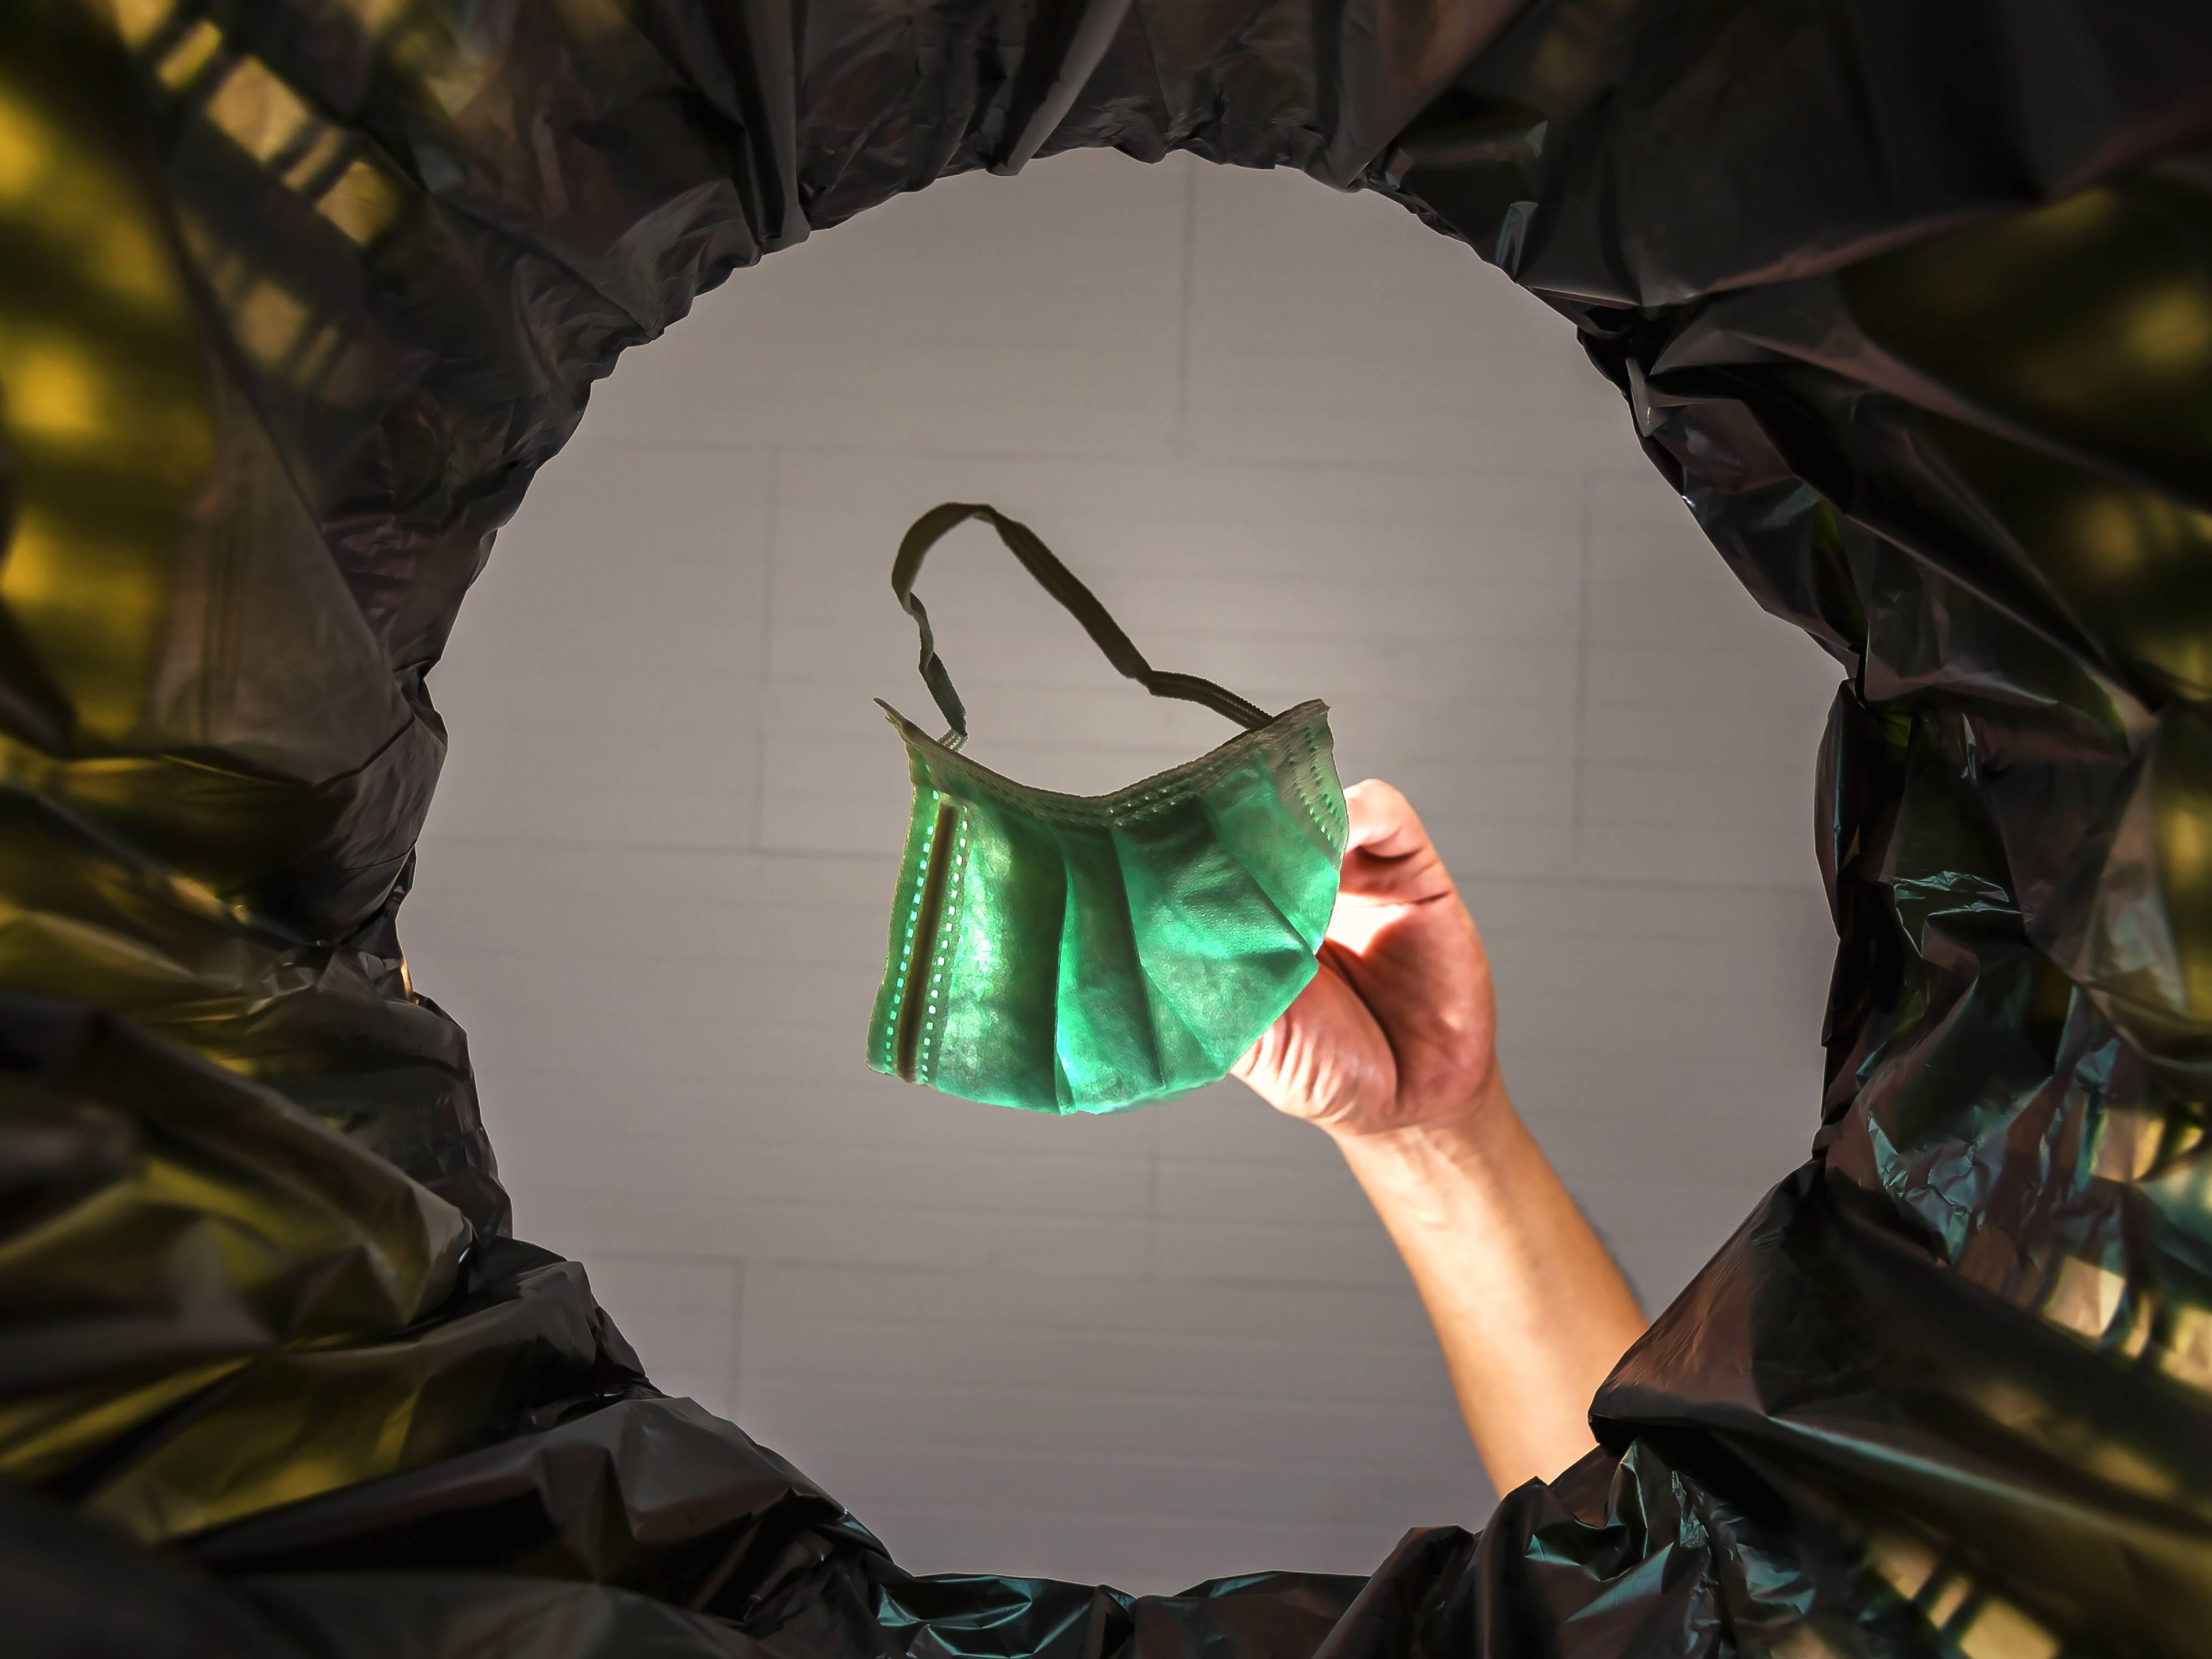 COVID-19: MŽP radí, kam s použitými rouškami nebo jak nakládat s odpadem v karanténě